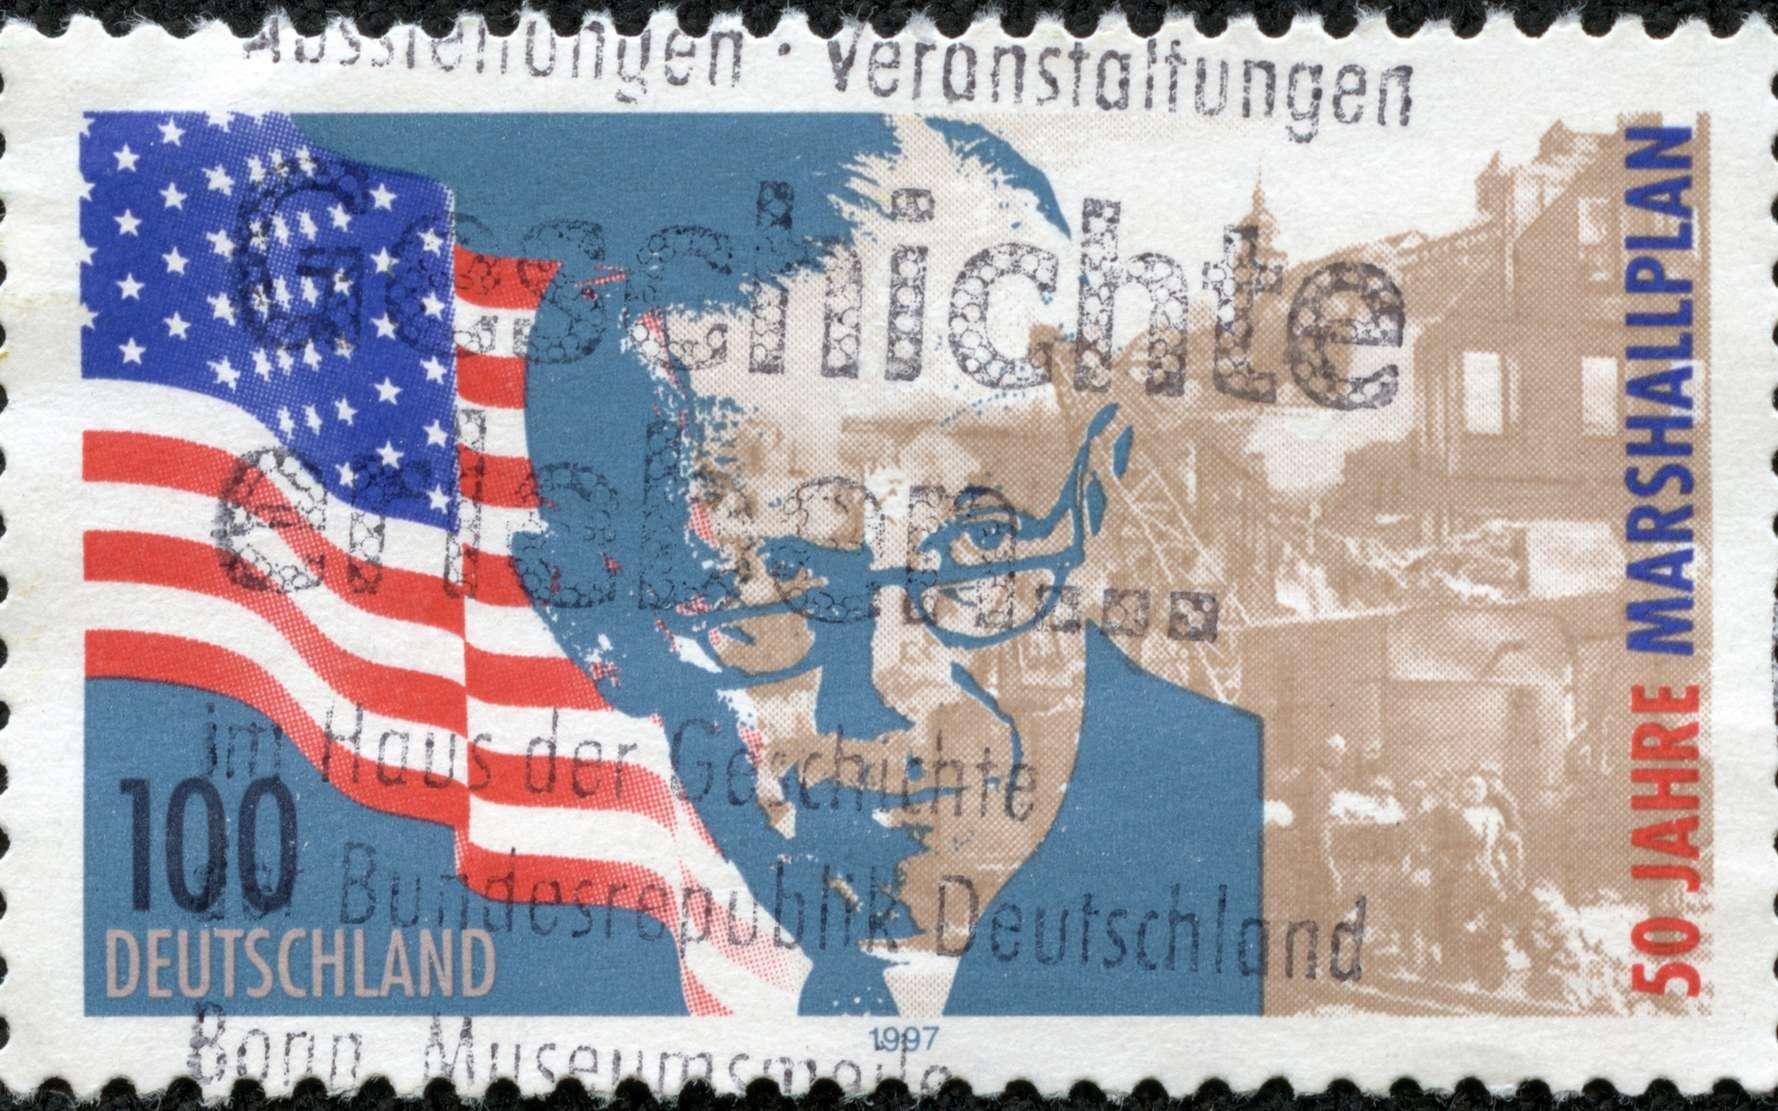 Les États-Unis ont lancé le plan Marshall pendant la guerre froide pour aider à la reconstruction de l'Europe. Timbre édité pour le 50e anniversaire du plan Marshall. © cityanimal, fotolia